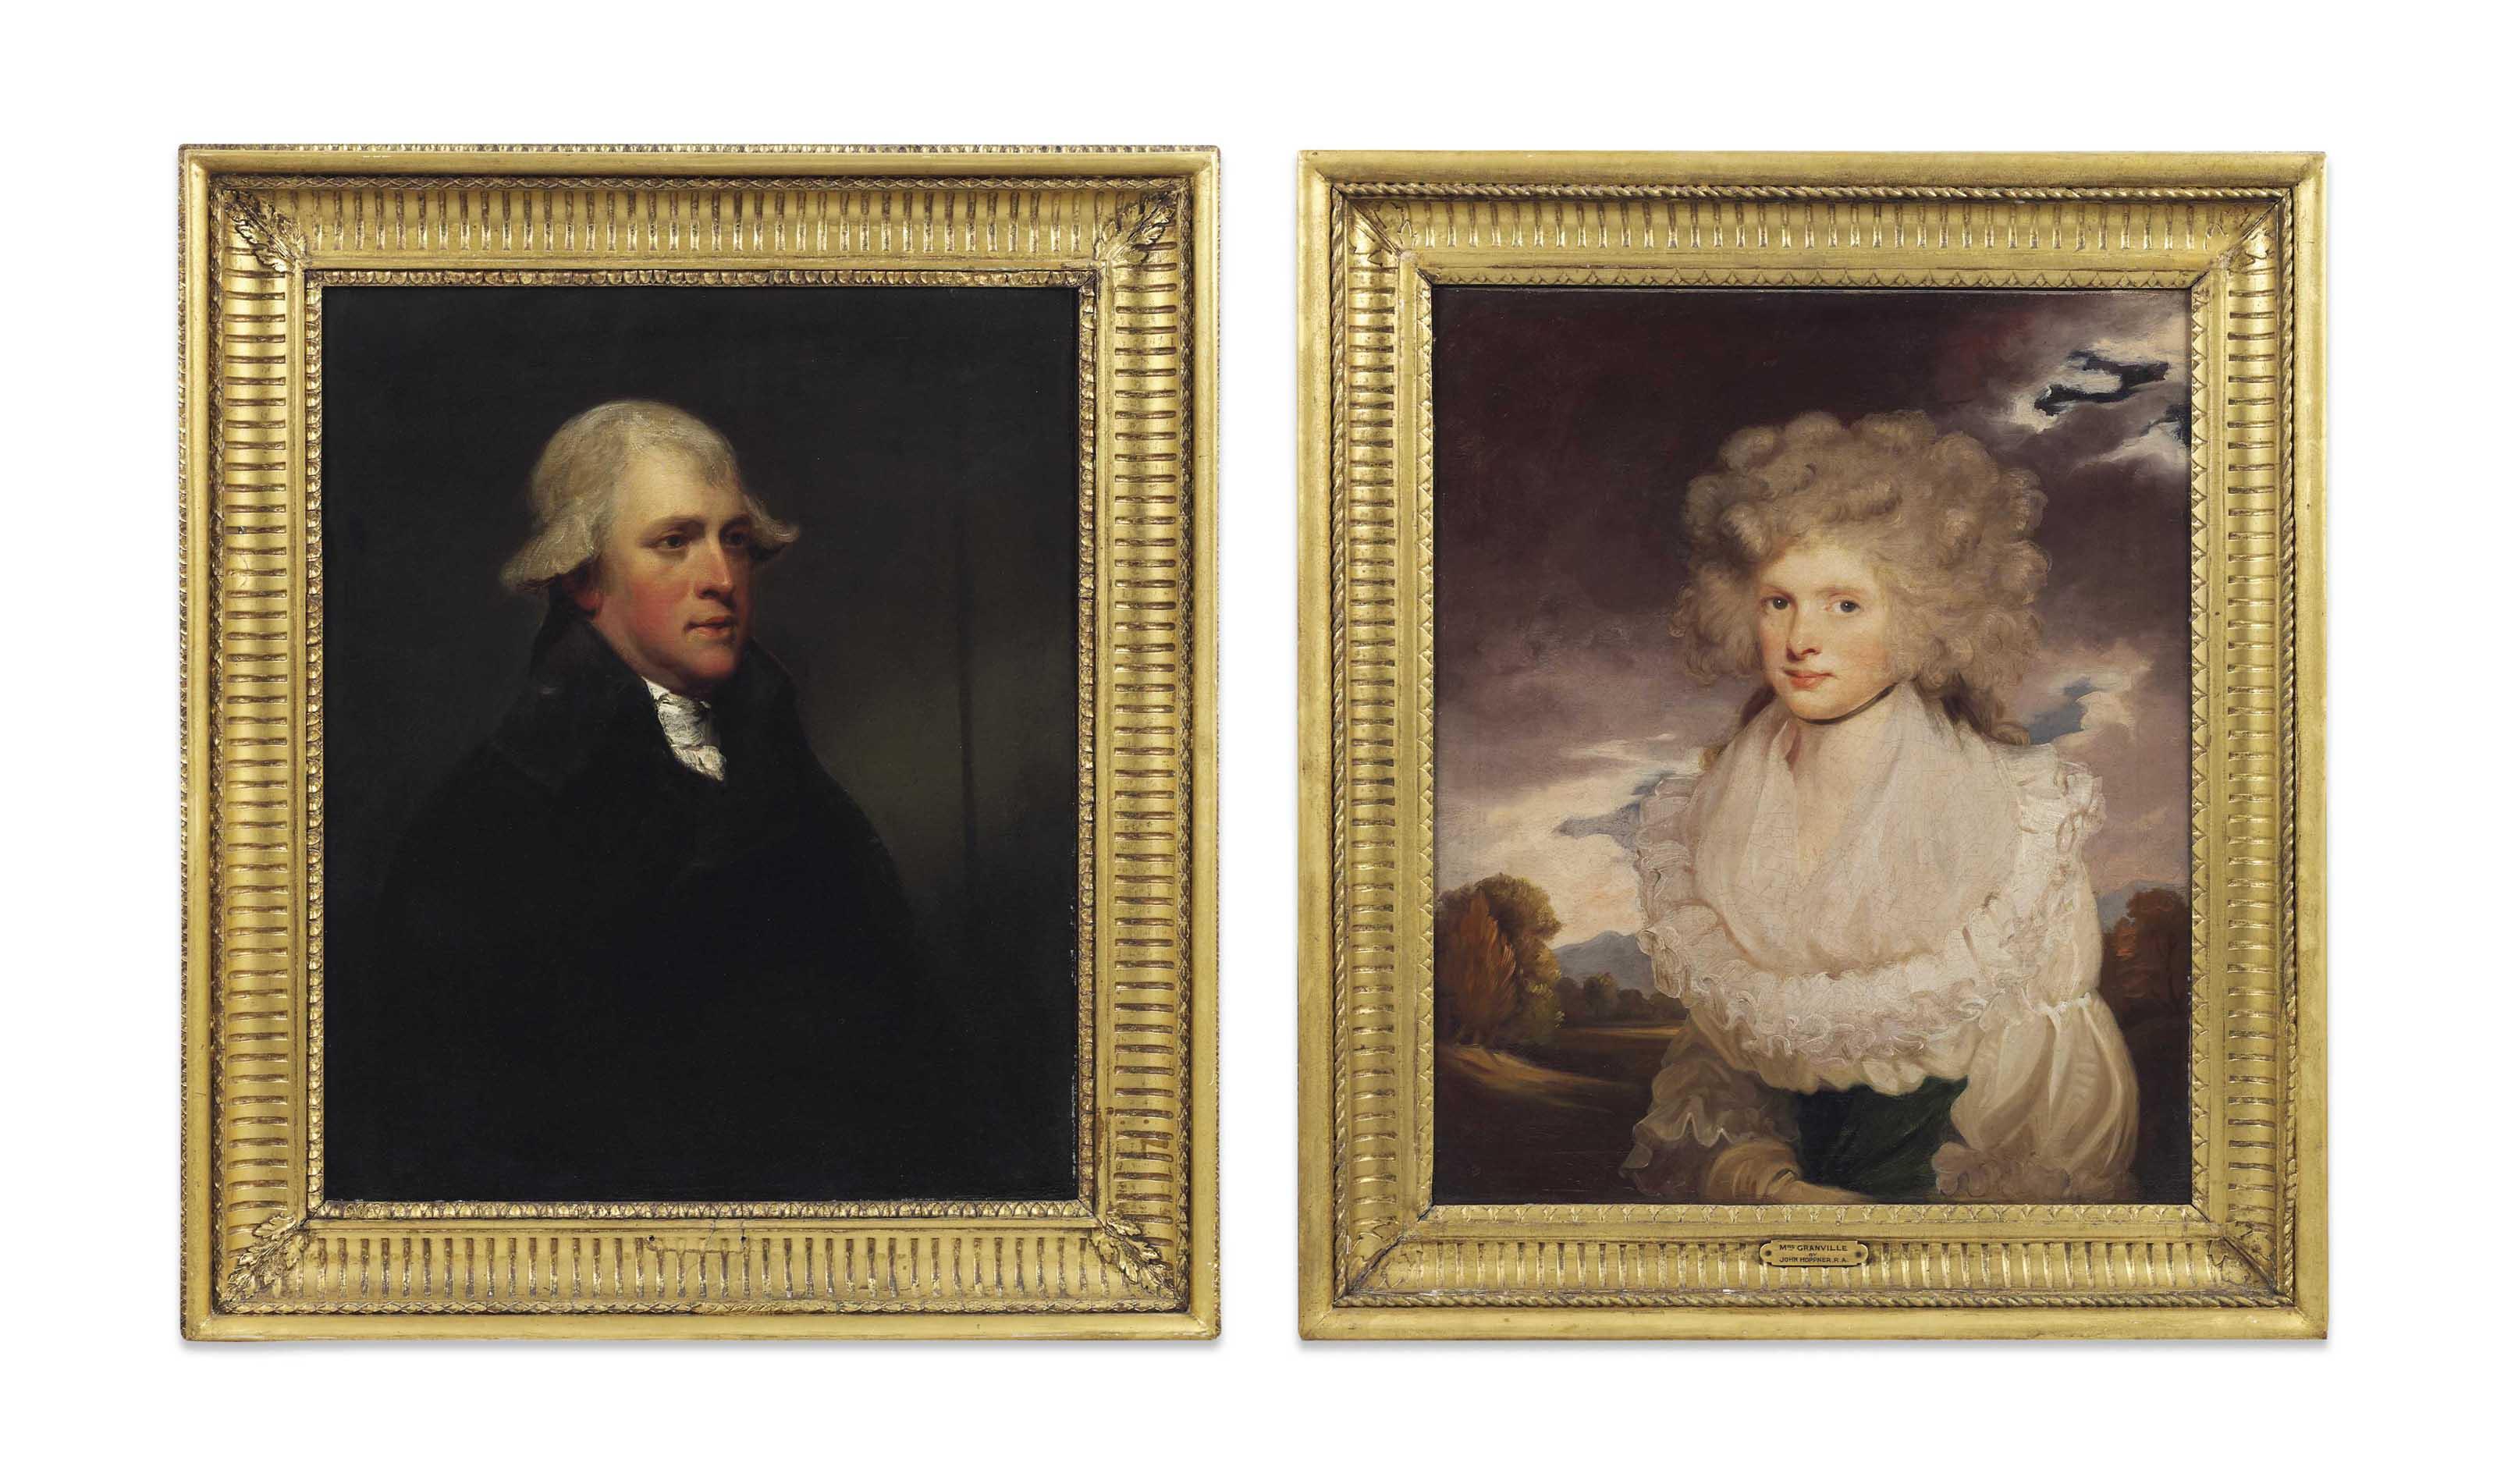 John Hoppner (London 1769-1830